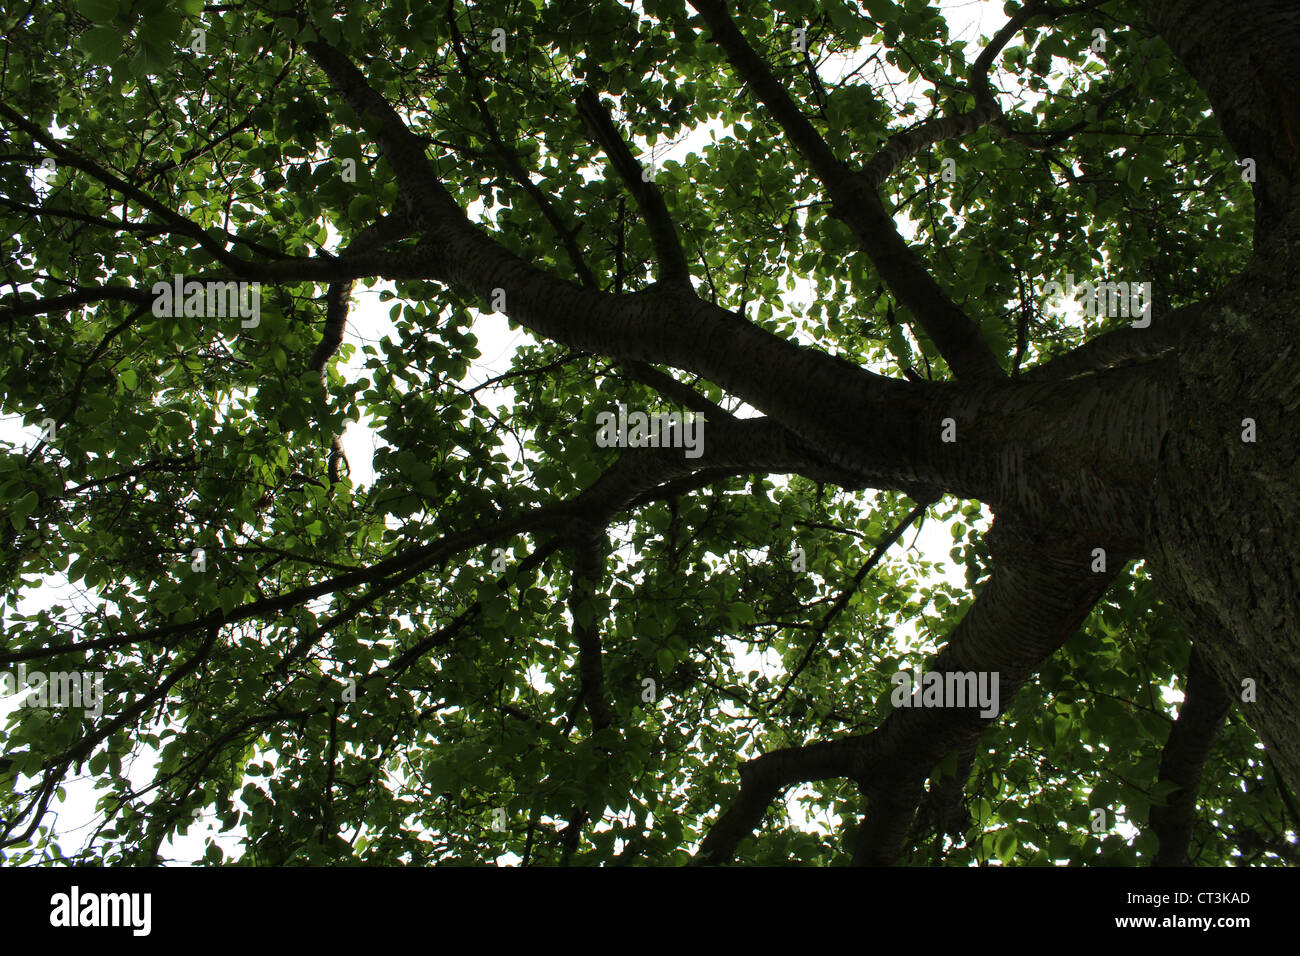 Le tenebre dell'albero (il lato inferiore di un vecchio willow tree). Immagini Stock